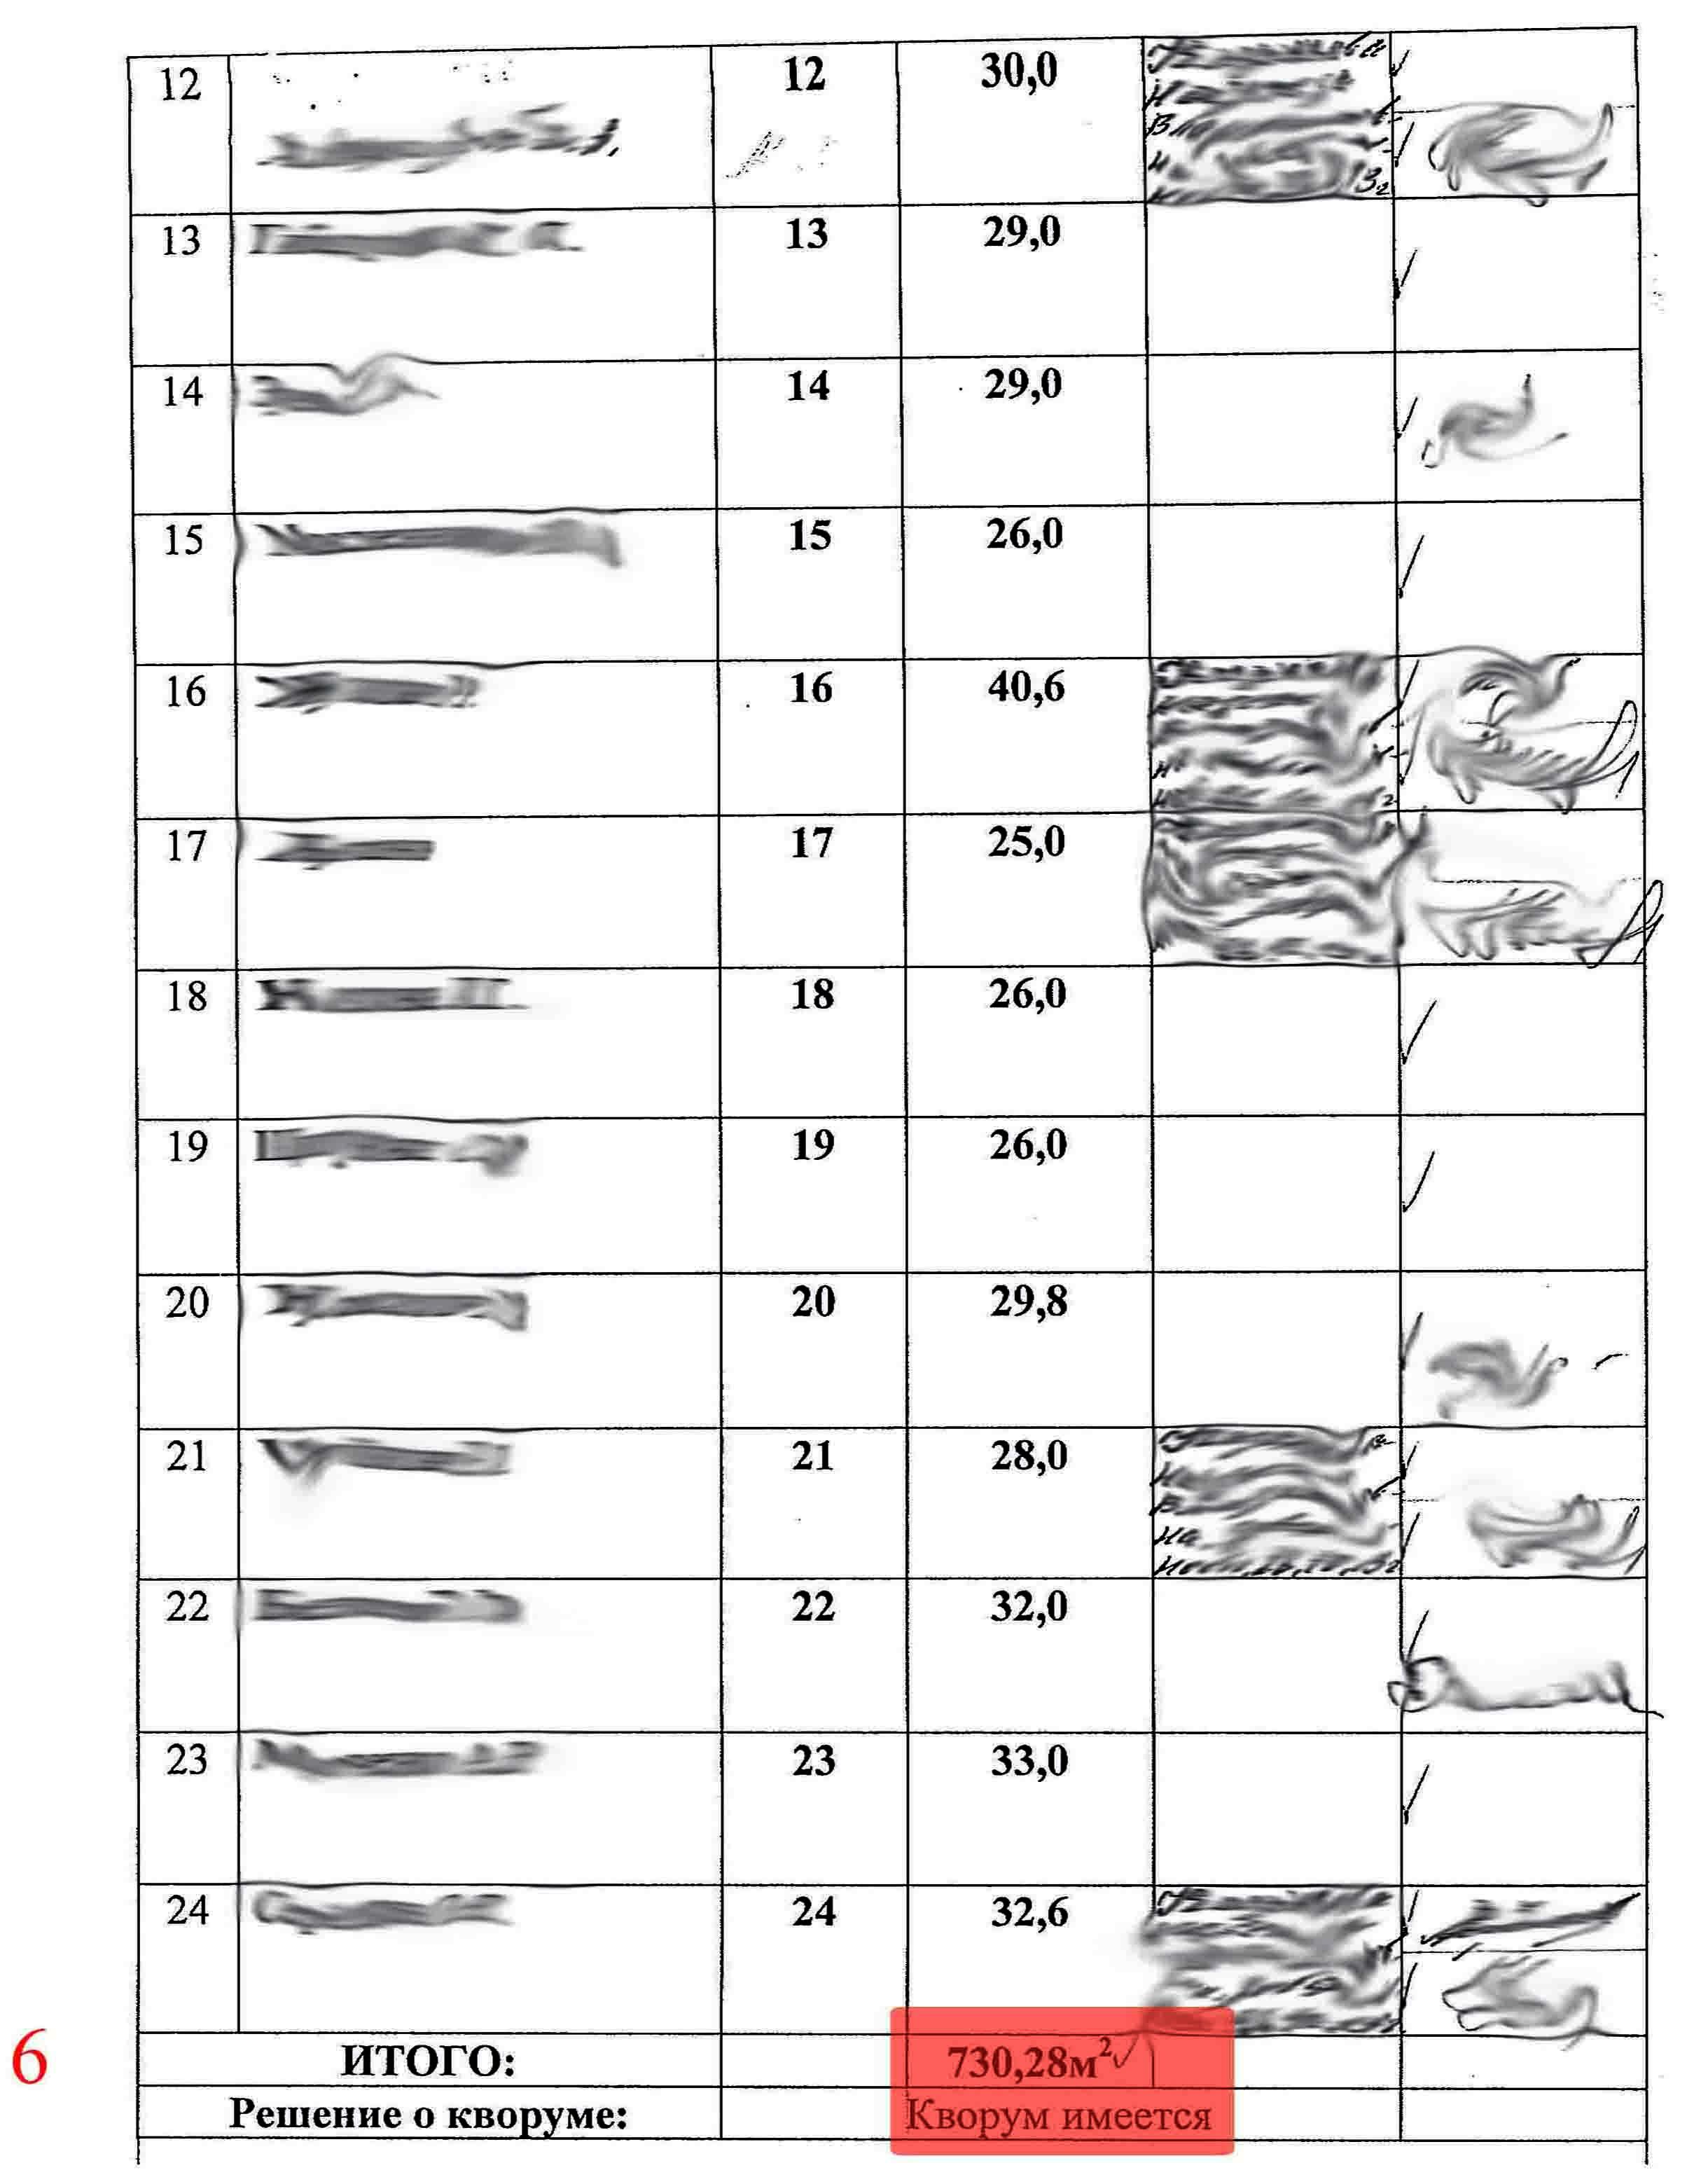 образец протокола аттестации на соответствие занимаемой должности